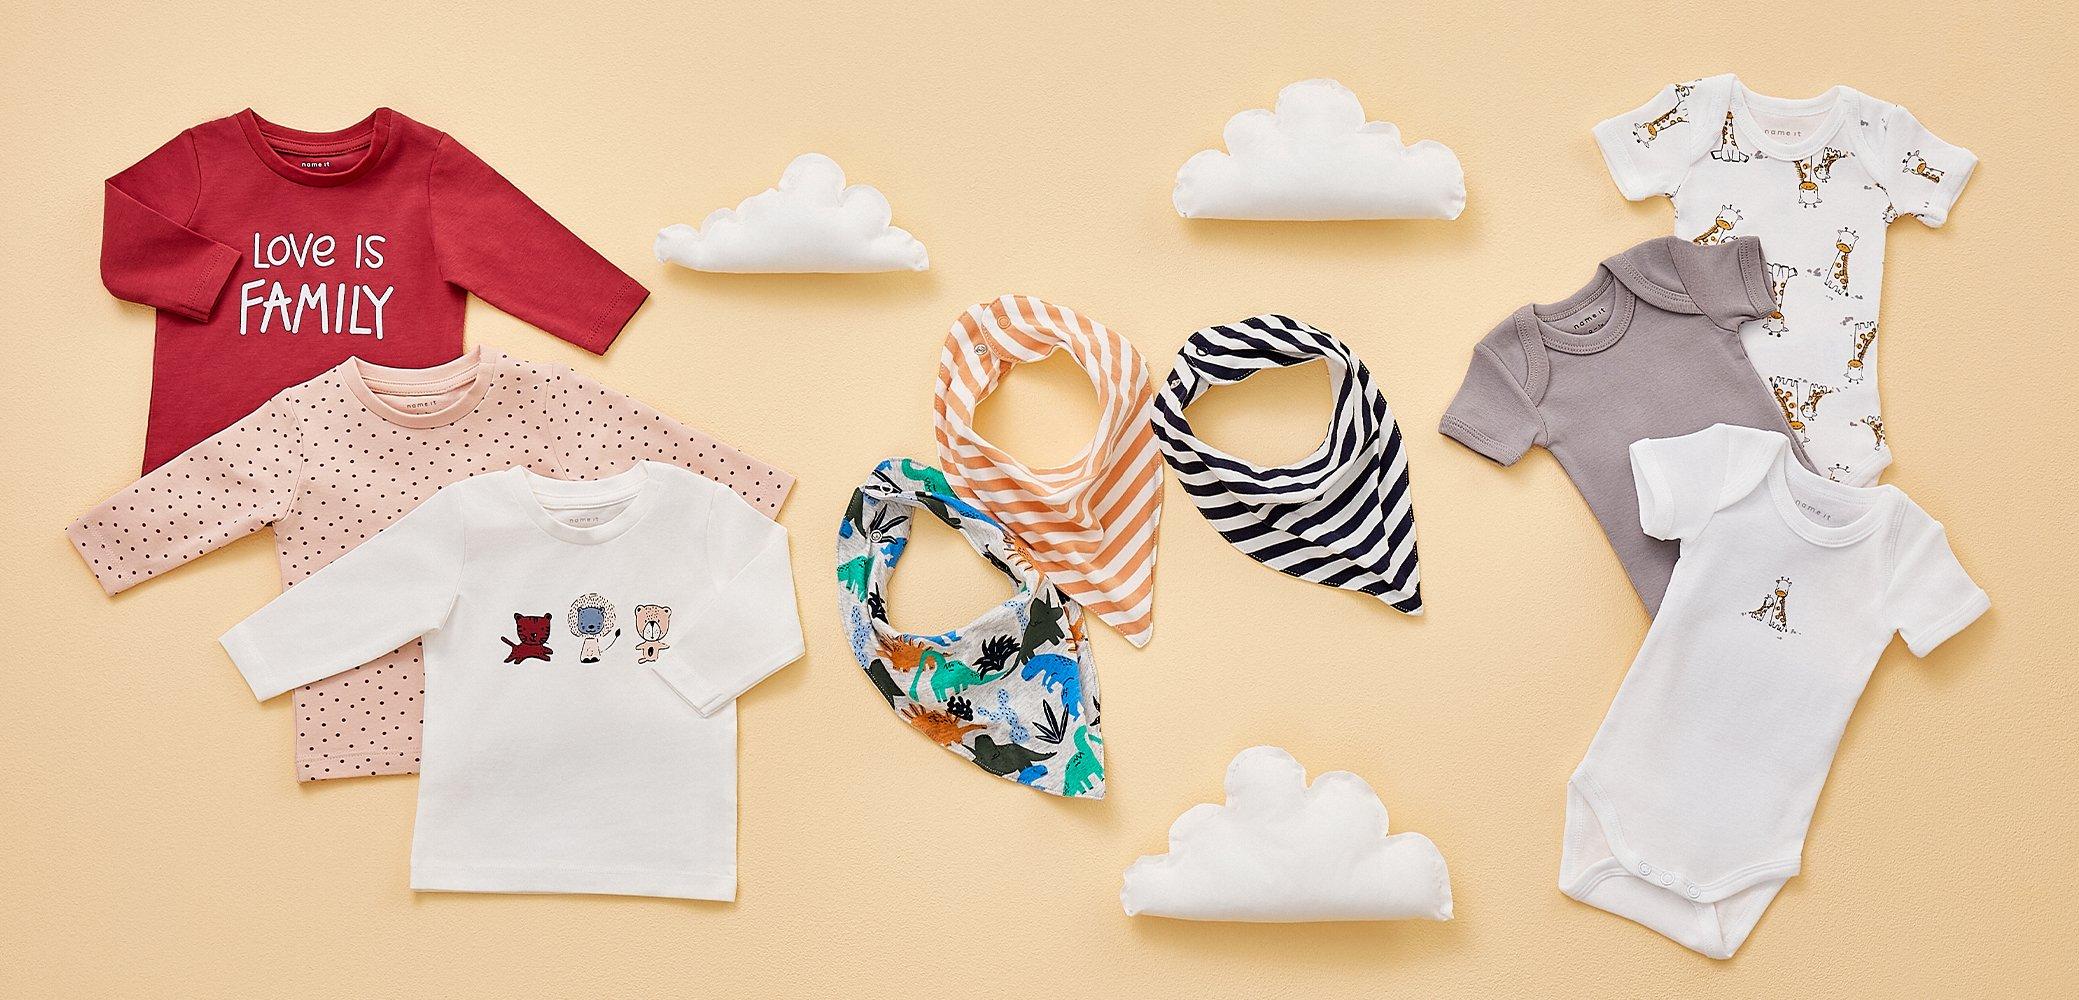 Ropa Y Calzado Infantil Coleccion Online De Moda En Zalando